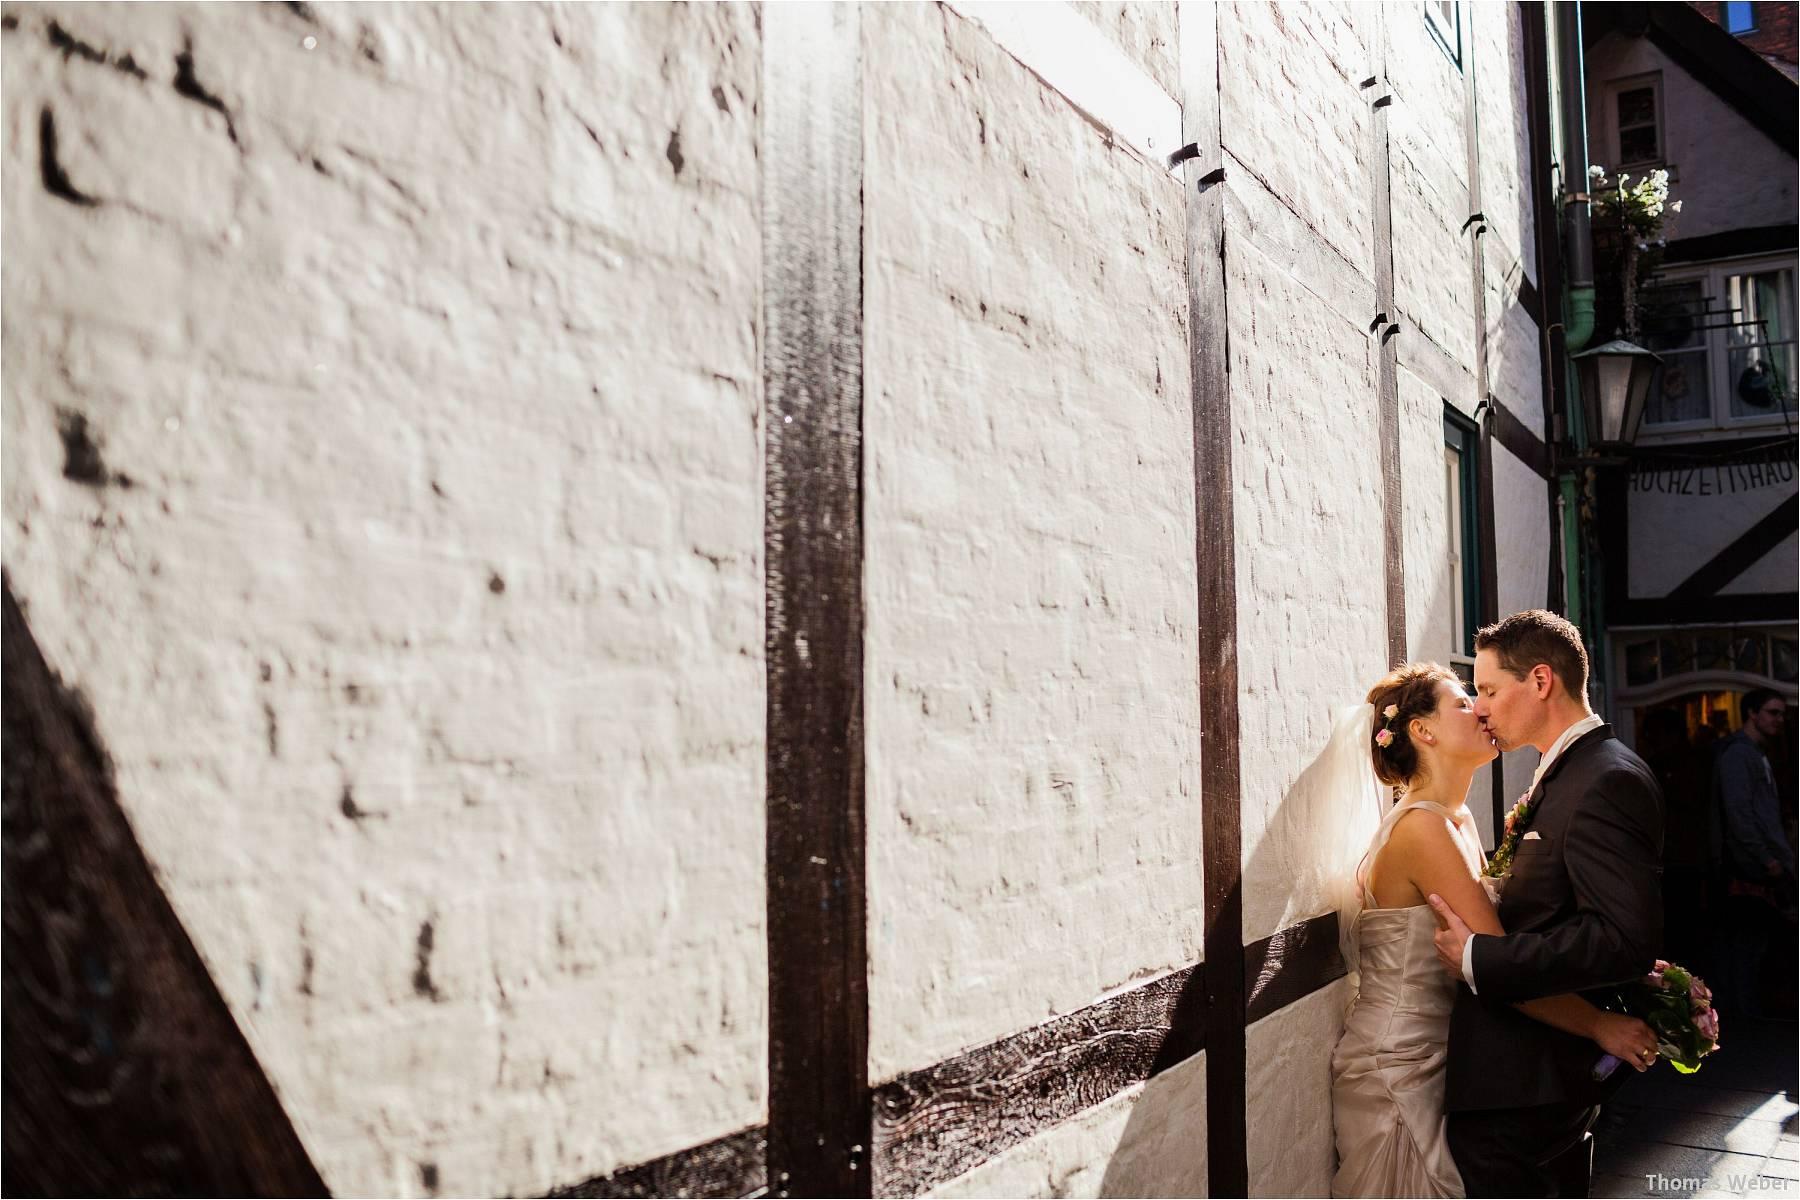 Hochzeitsfotograf Bremen: Kirchliche Trauung in der Propsteikirche St. Johann im Bremer Schnoor und Hochzeitsfeier bei Rogge Dünsen (20)